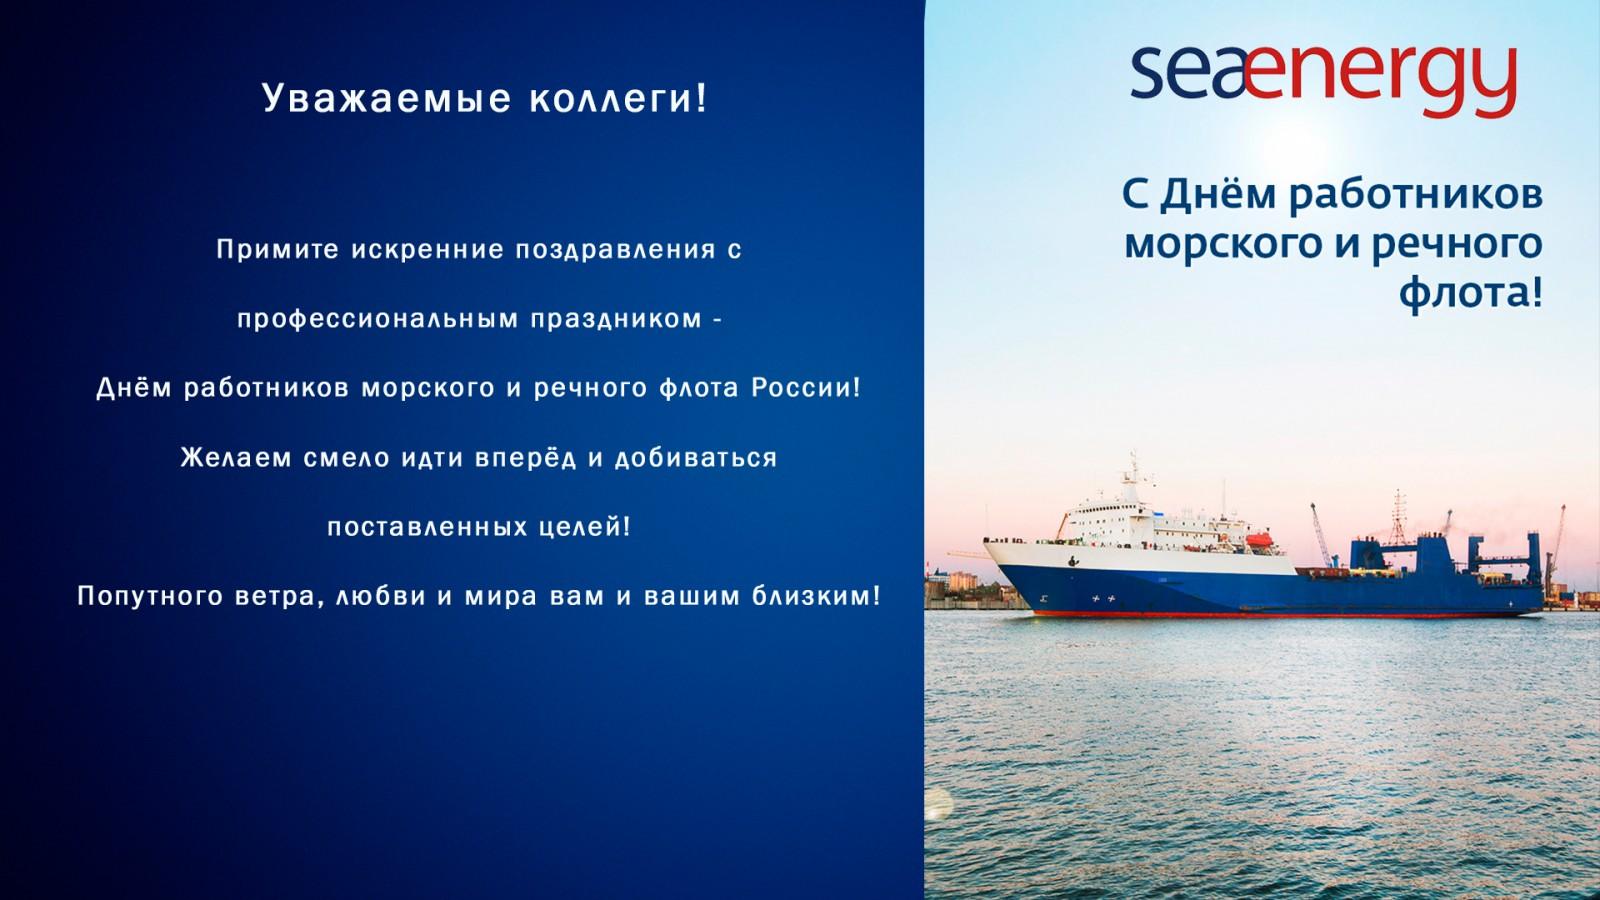 С Днем работников морского и речного флота!